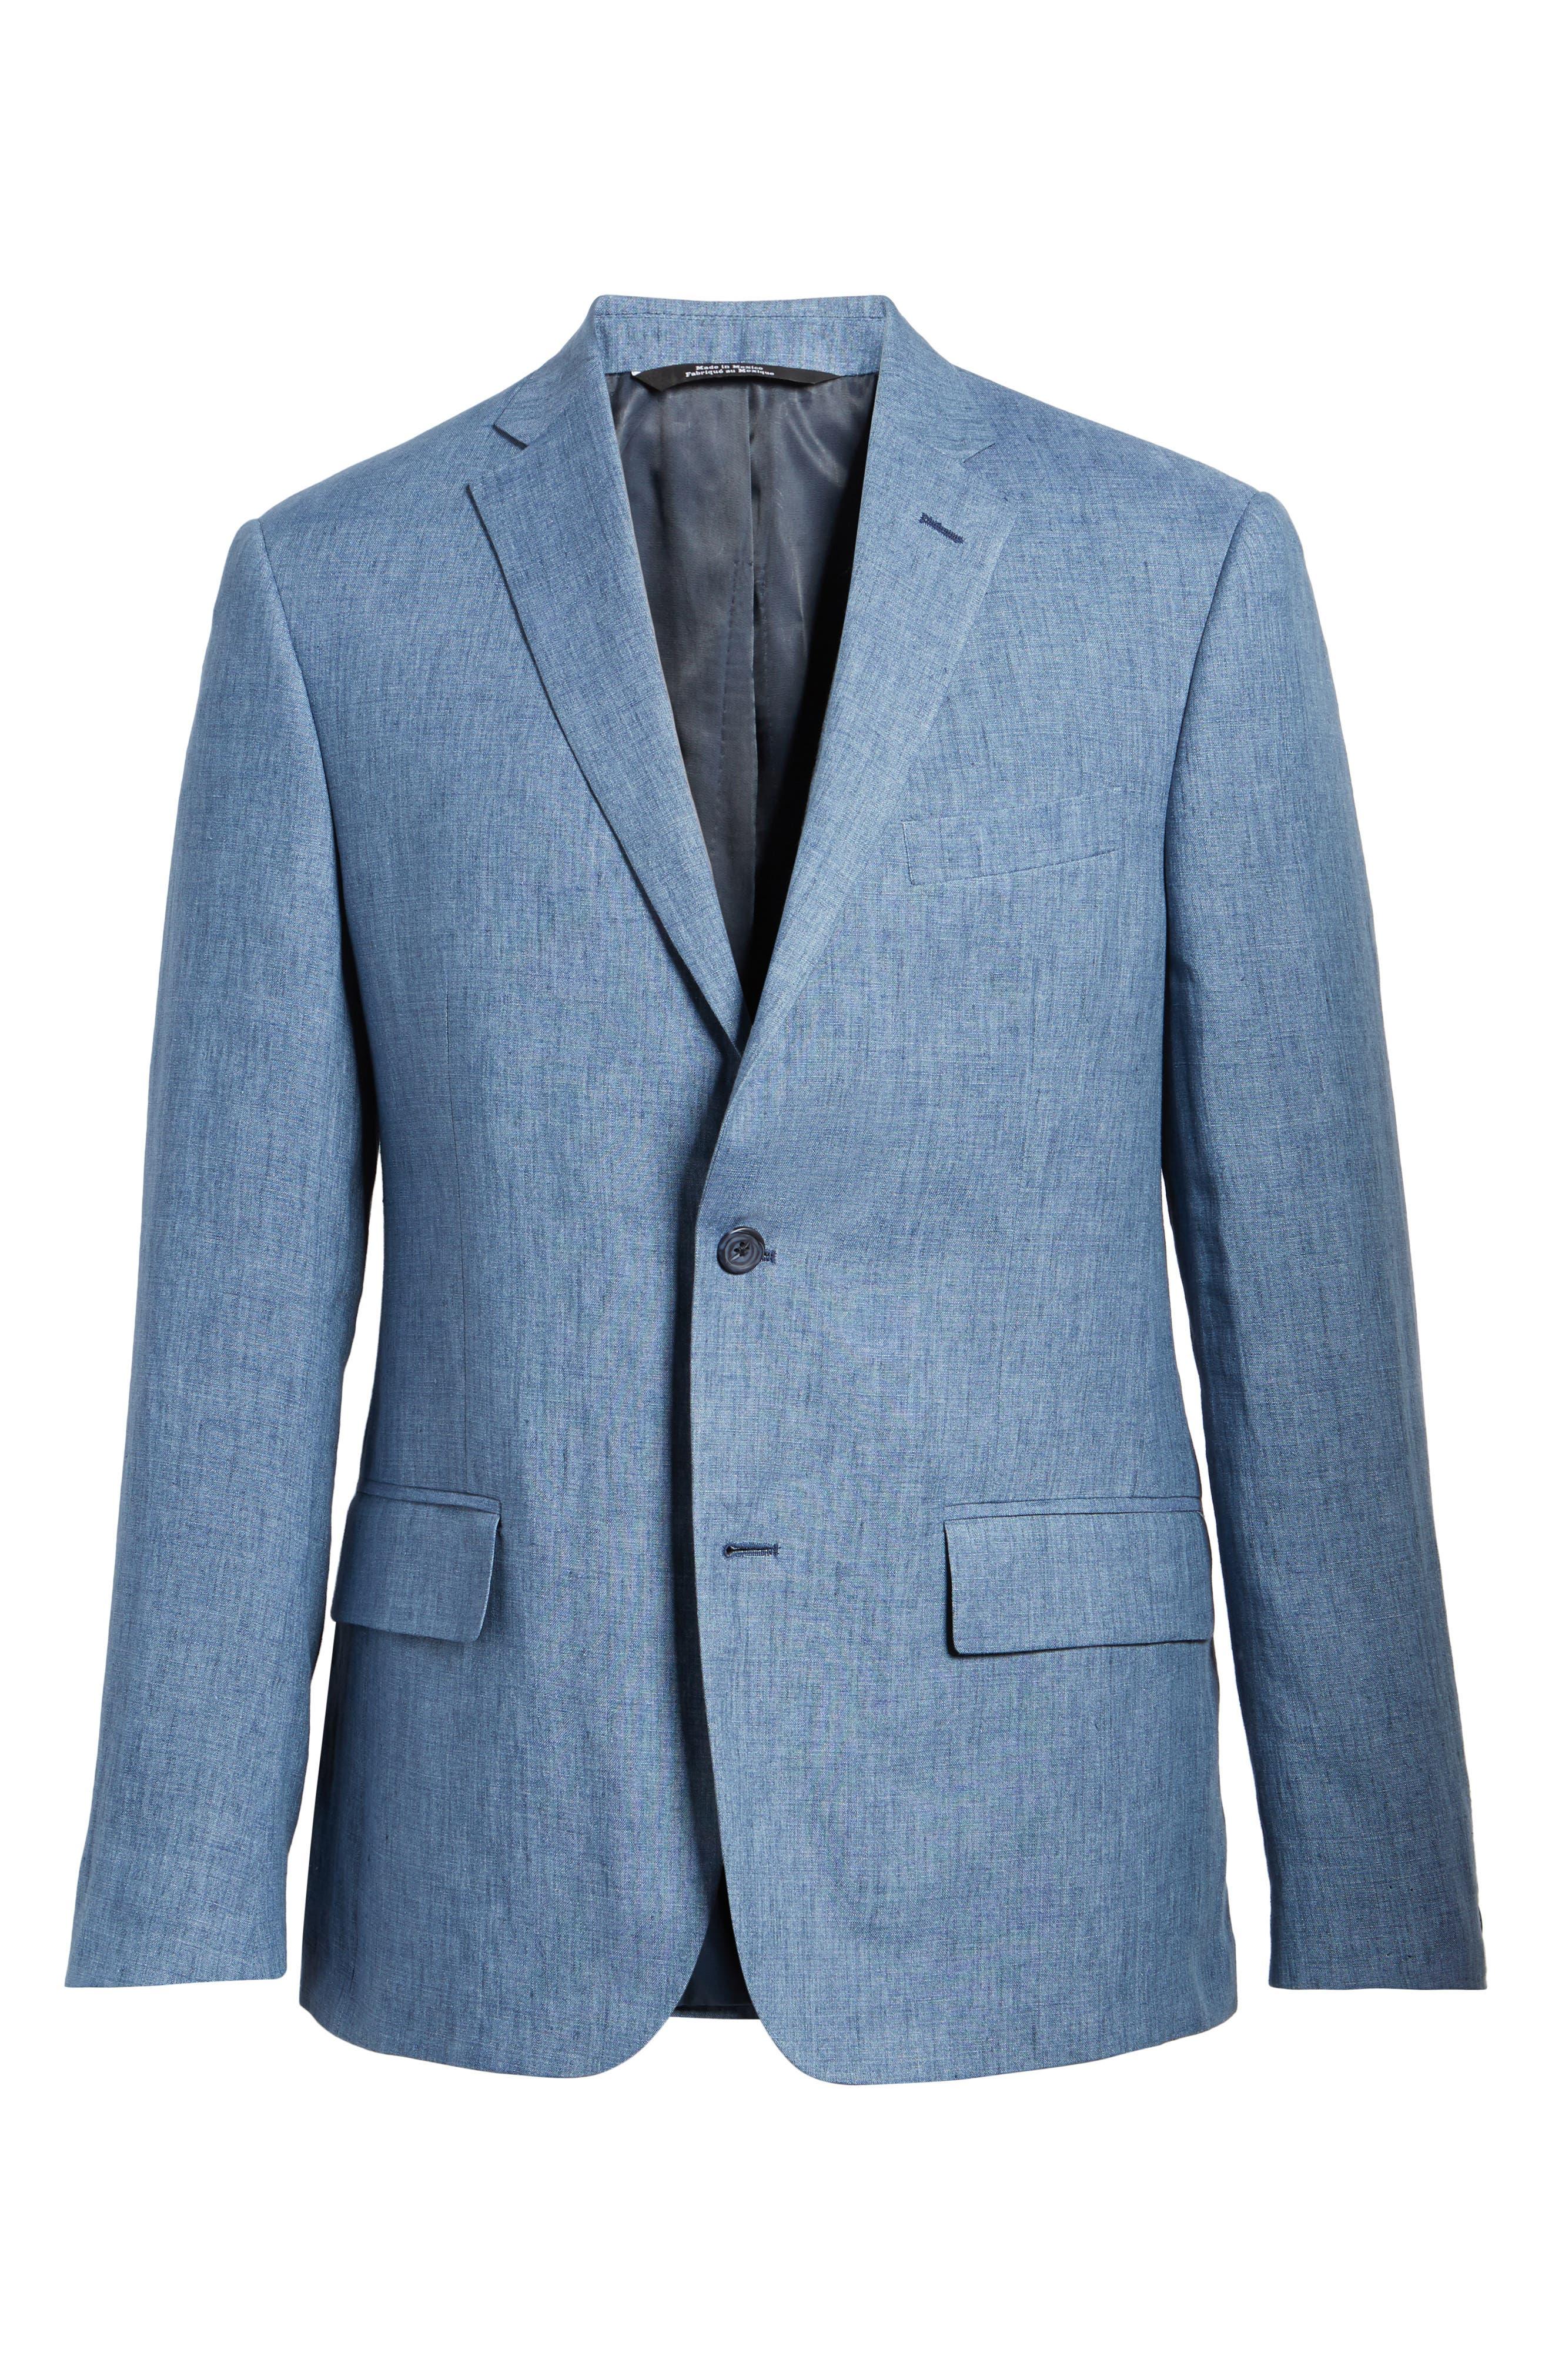 Trim Fit Linen Blazer,                             Alternate thumbnail 8, color,                             Blue Denim